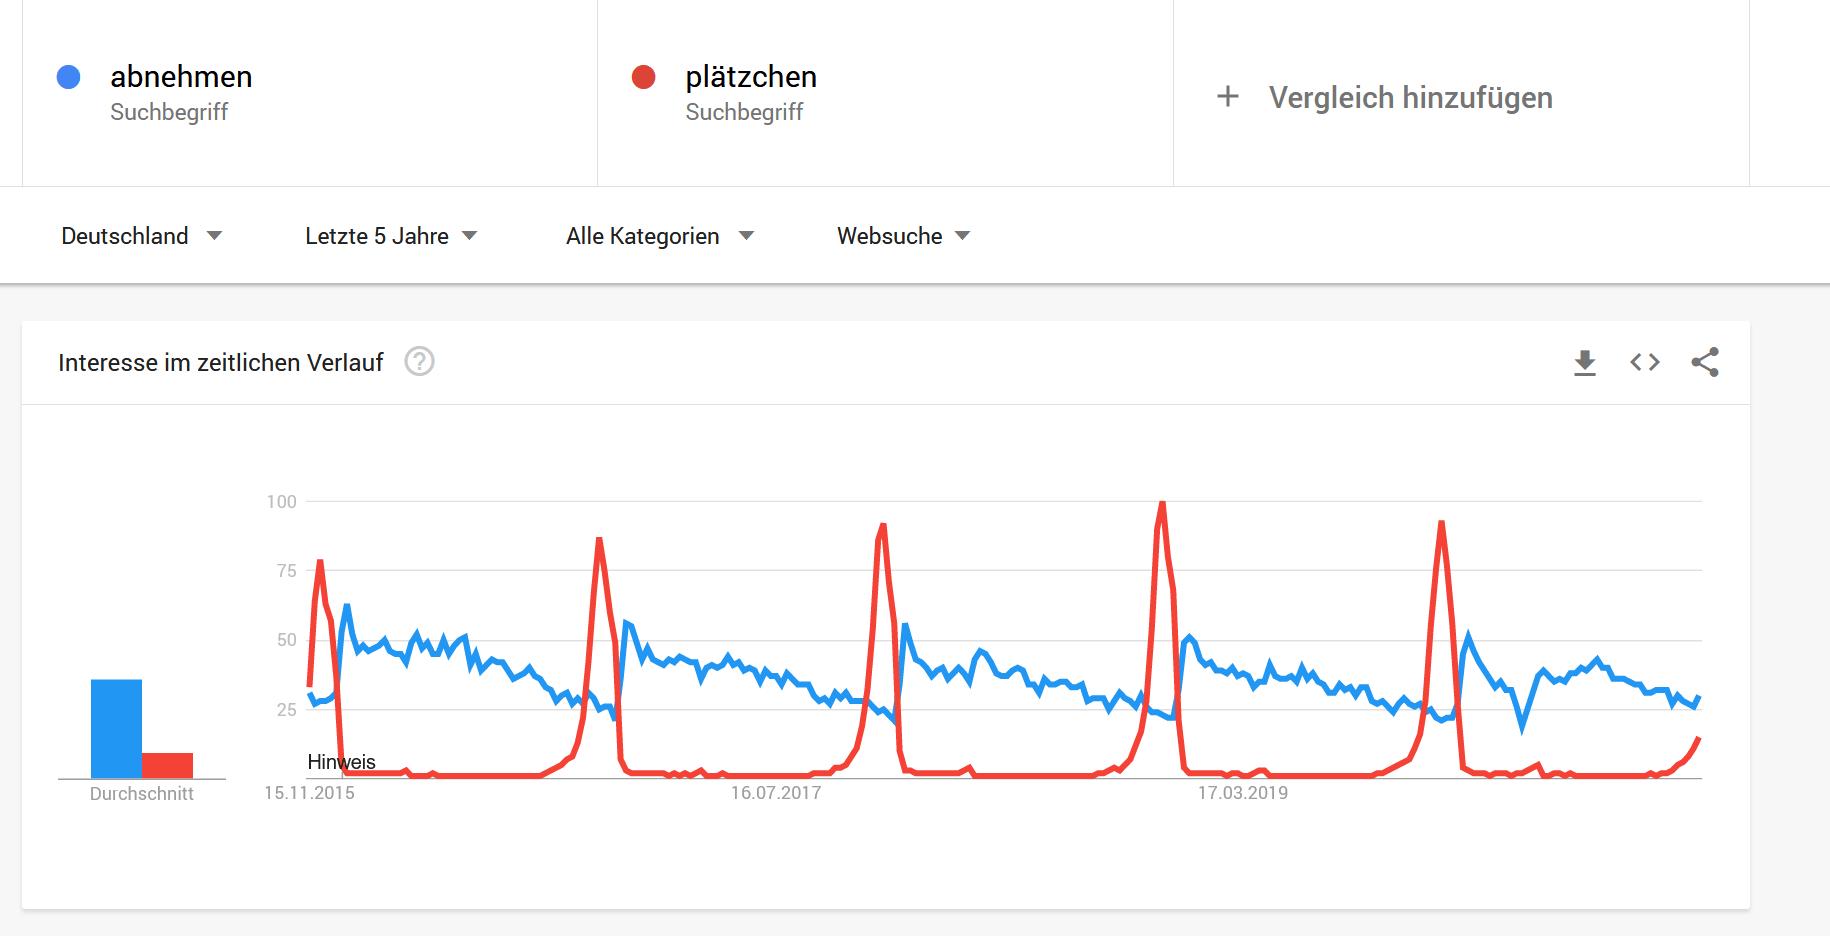 Abnehmen vs. Plaetzchen